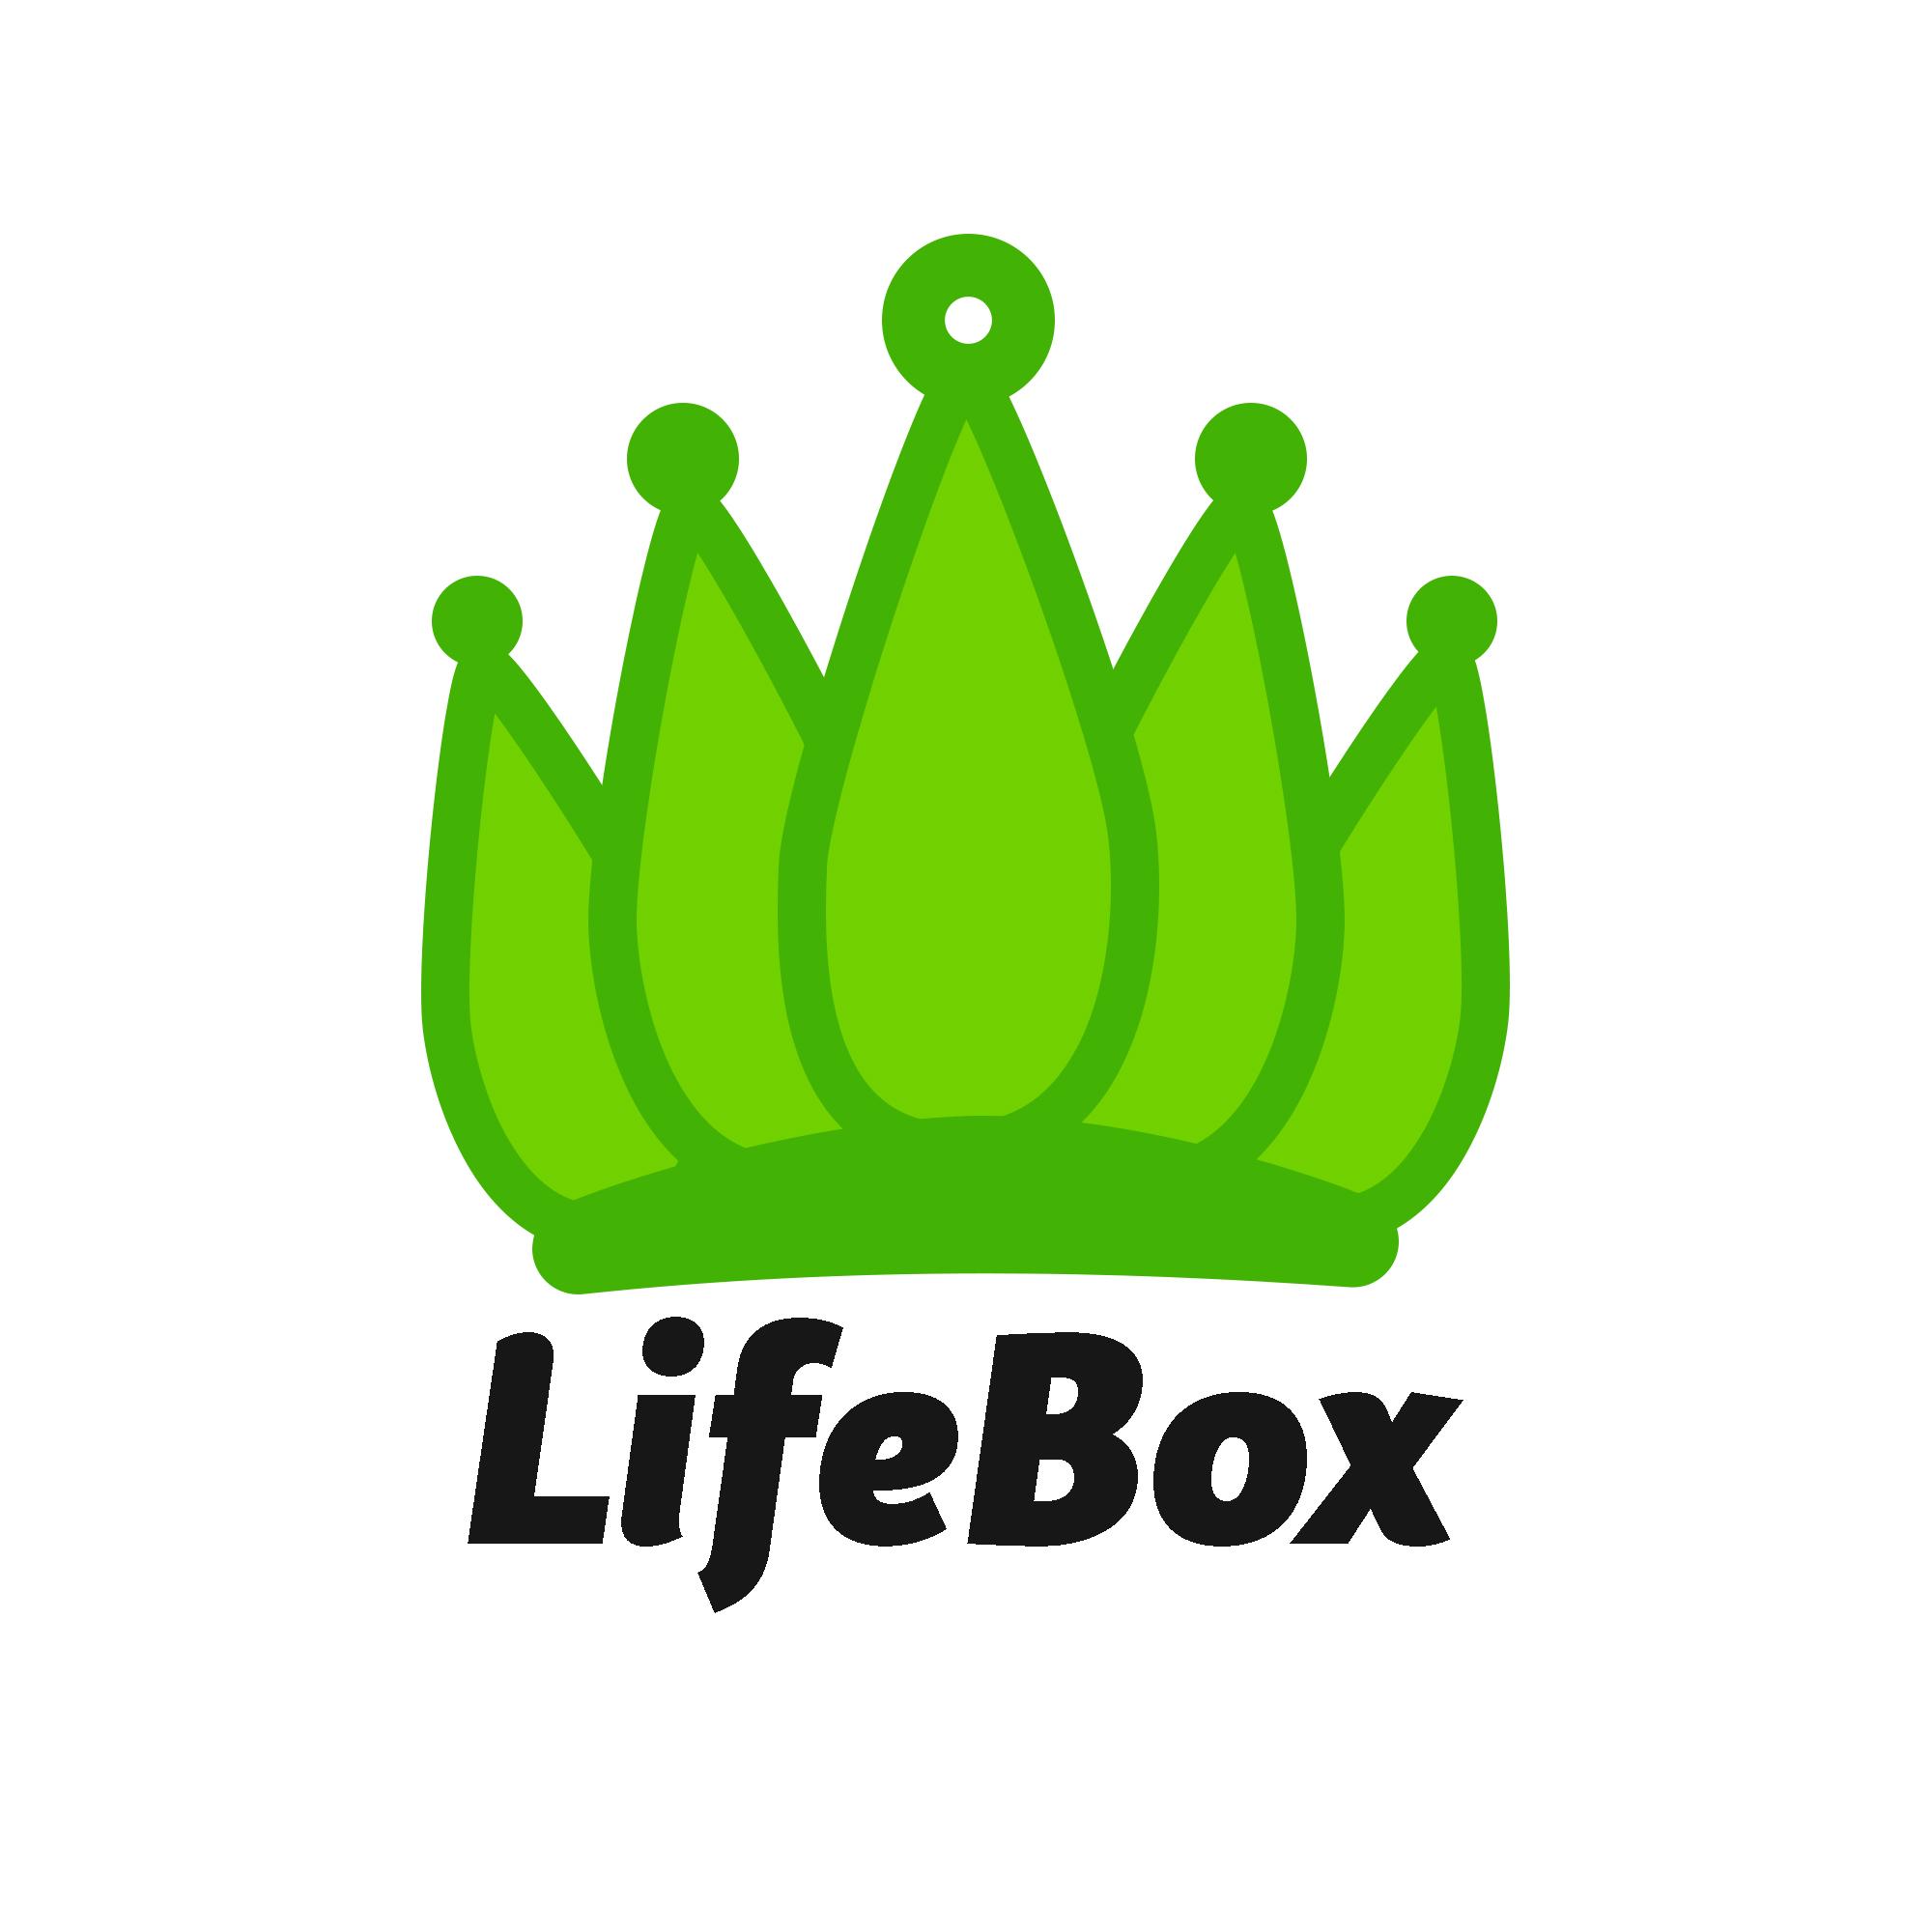 Разработка Логотипа. Победитель получит расширеный заказ  фото f_2785c27ba36309c3.jpg